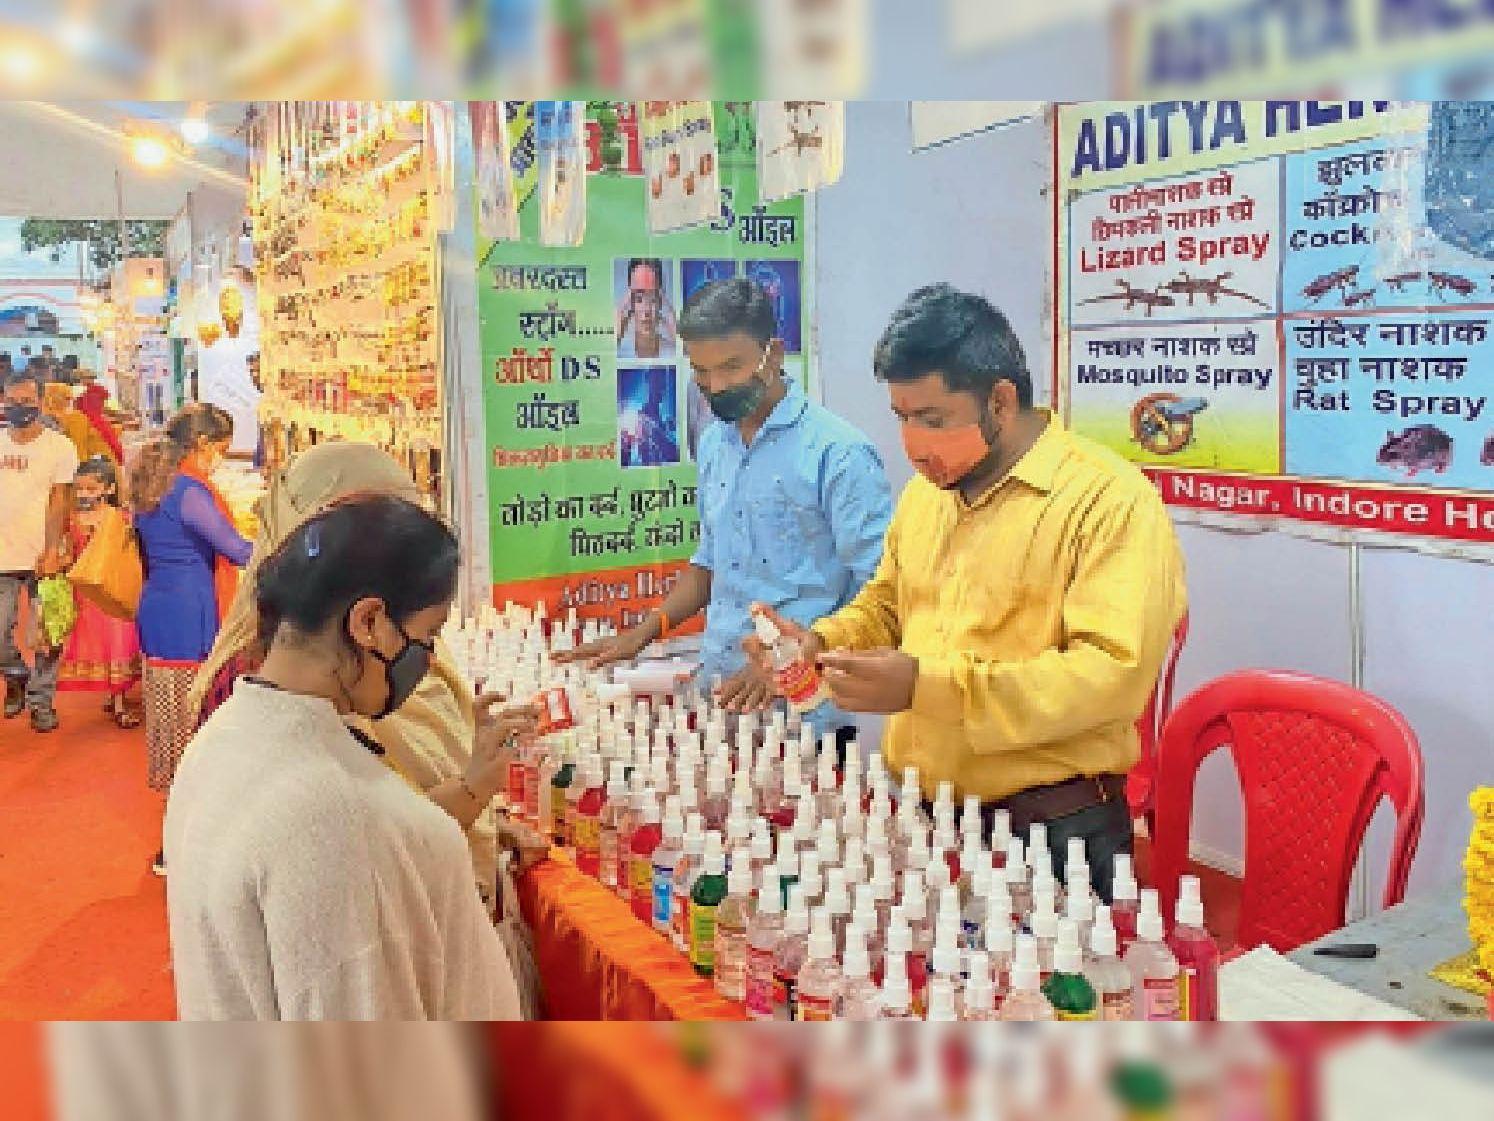 व्यापार मेले में स्टॉल में हर्बल स्प्रे खरीदने पहुंची महिलाएं। - Dainik Bhaskar